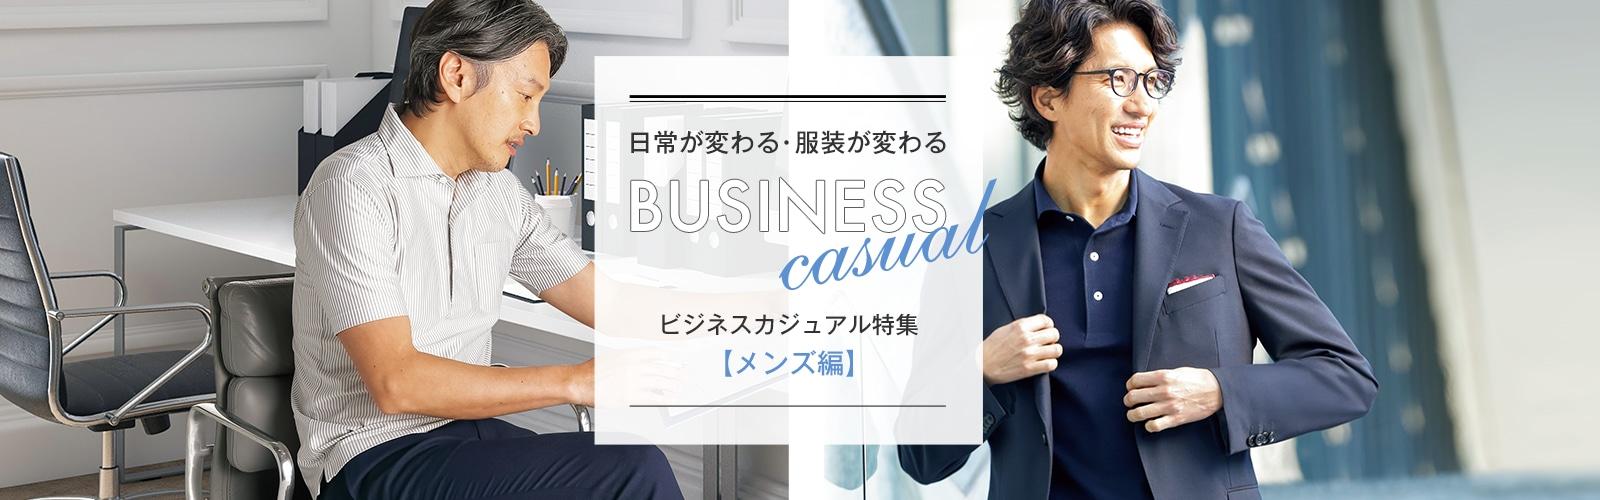 ビジネスカジュアル特集【メンズ編】